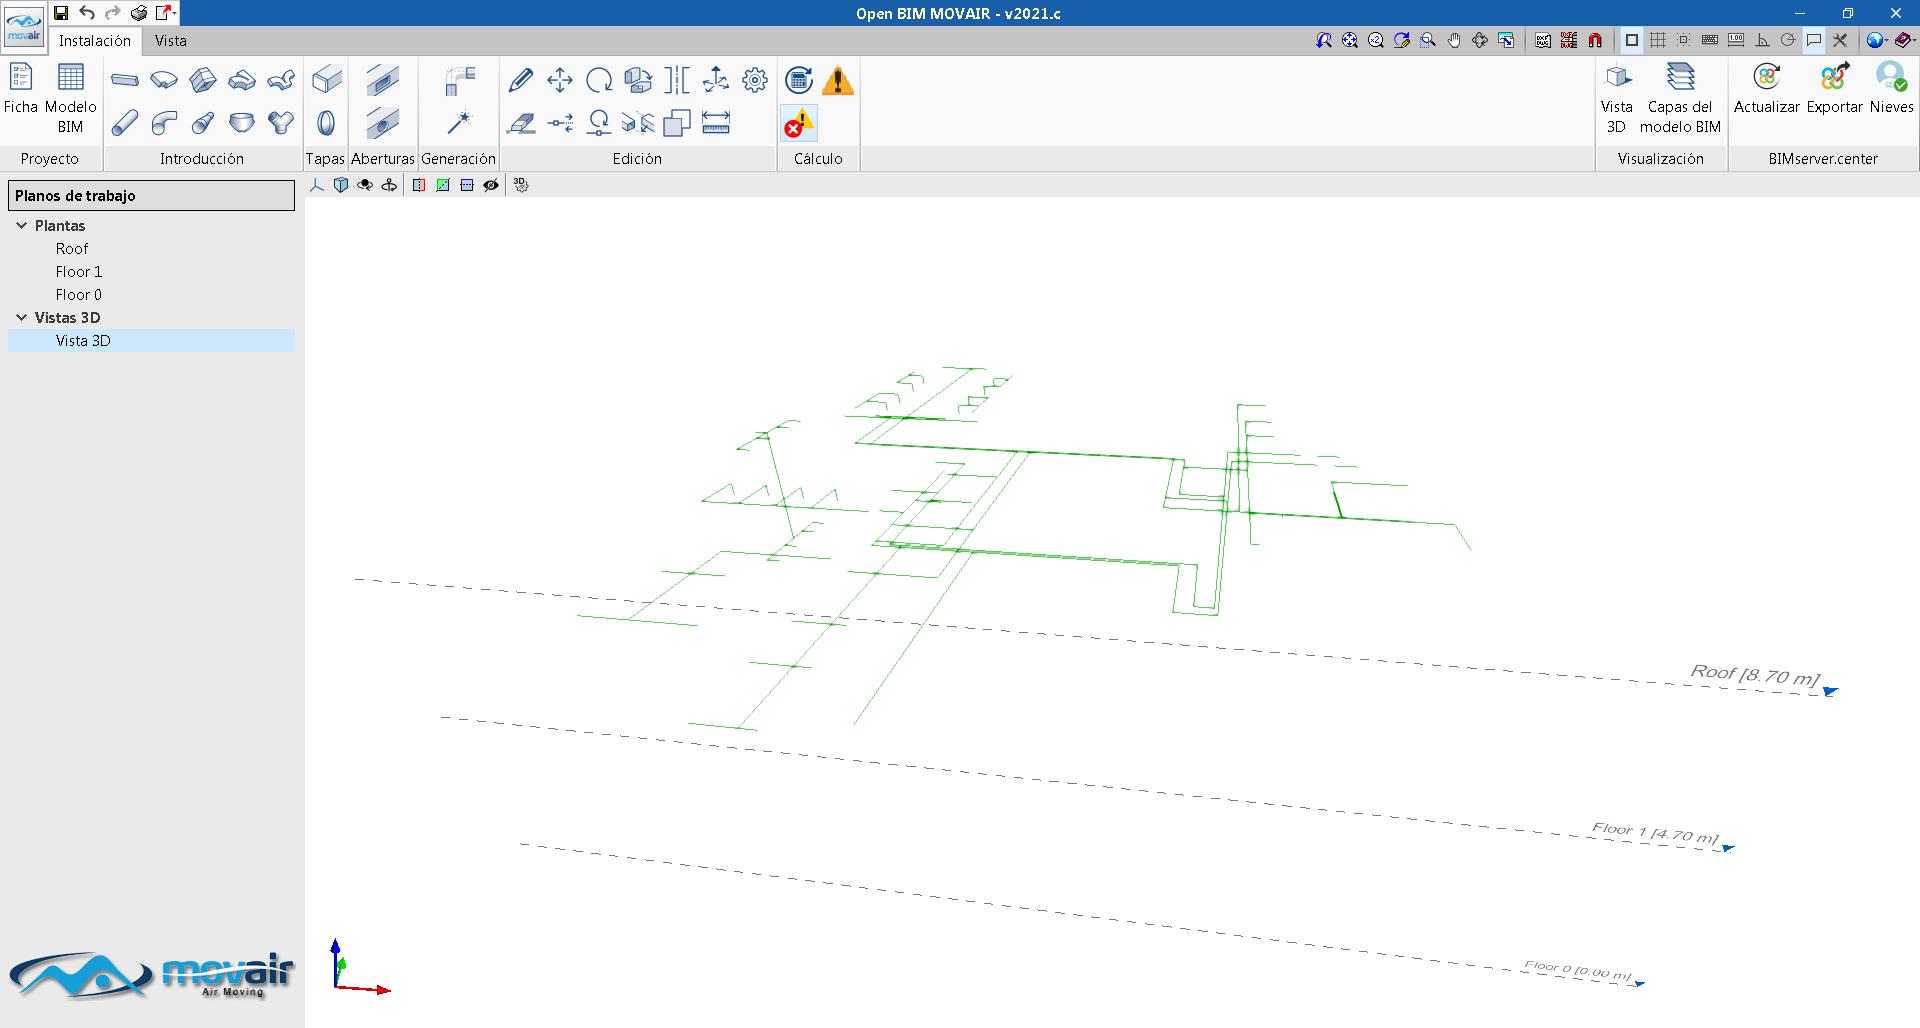 Open BIM MOVAIR. Lectura de modelos de cálculo incluidos en el proyecto BIM en formato IFC